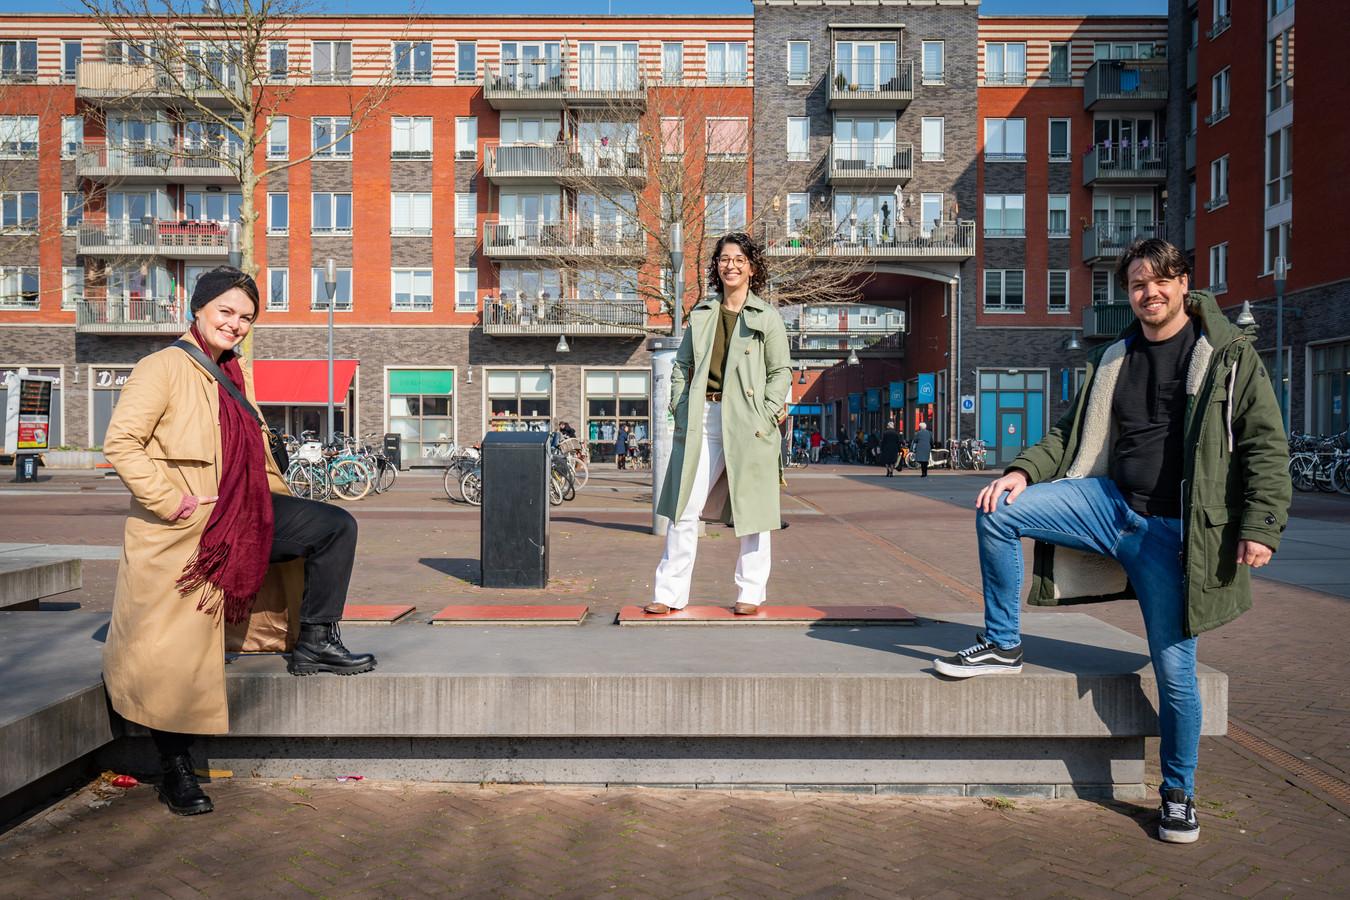 Karolina Ursem, Isadora Alves en Klaas Jongsma in Castellum (Houten-Zuid) zijn de drijvende krachten achter de eerste editie van de Houtense Spelen.